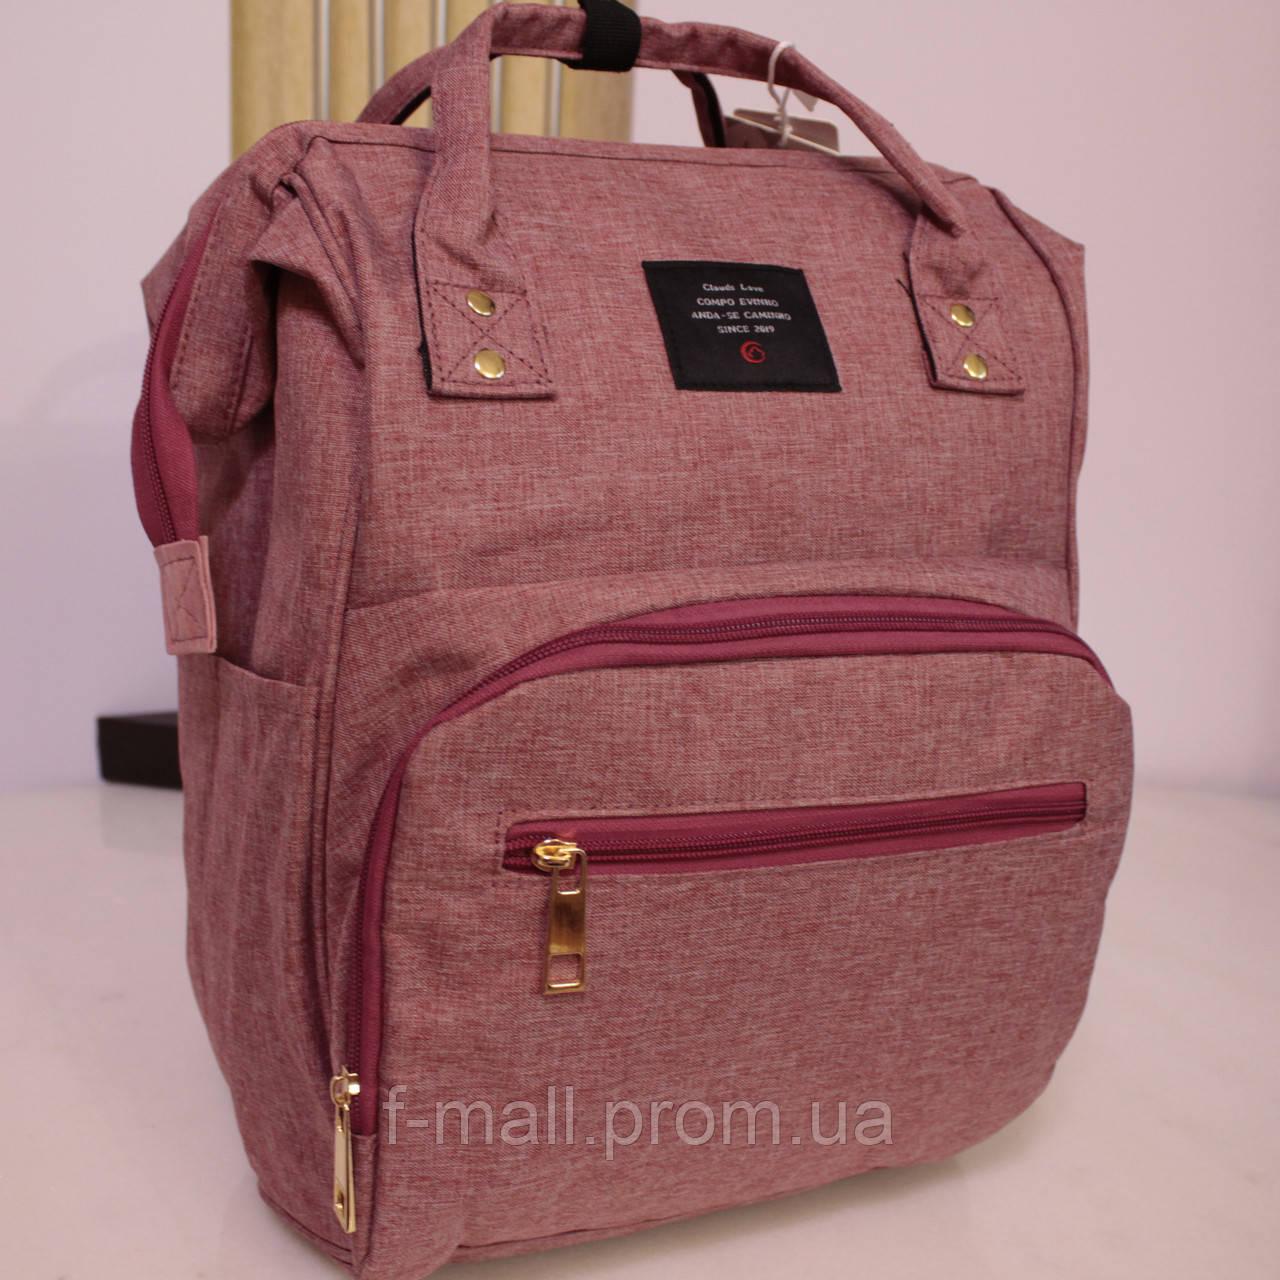 Женский рюкзак текстиль школьный рюкзак для путешествий